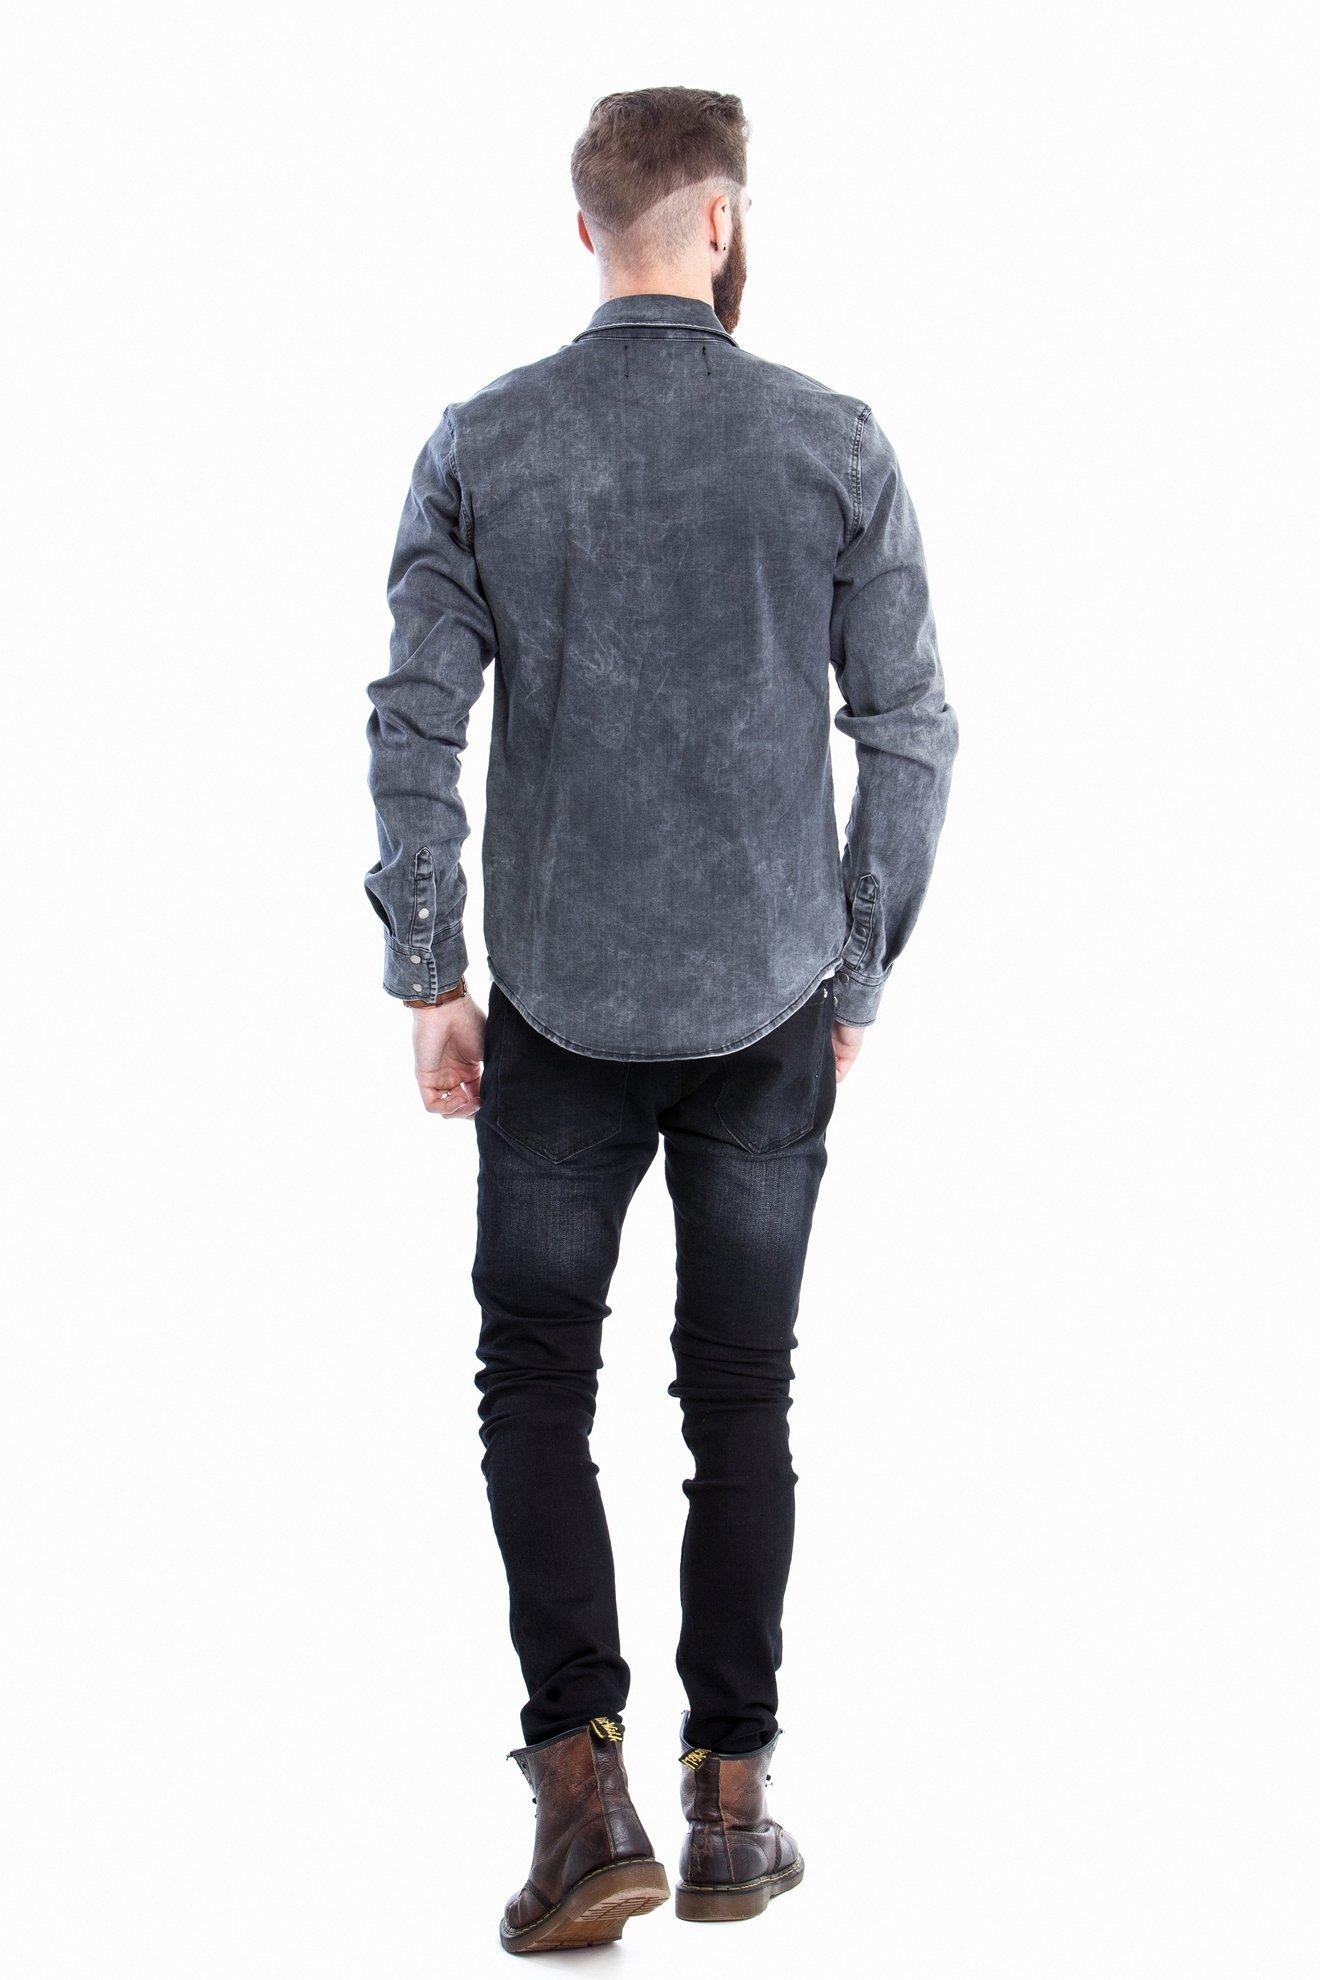 Джинсовая рубашка с нашивками, длинный рукав (Арт. T 2709)